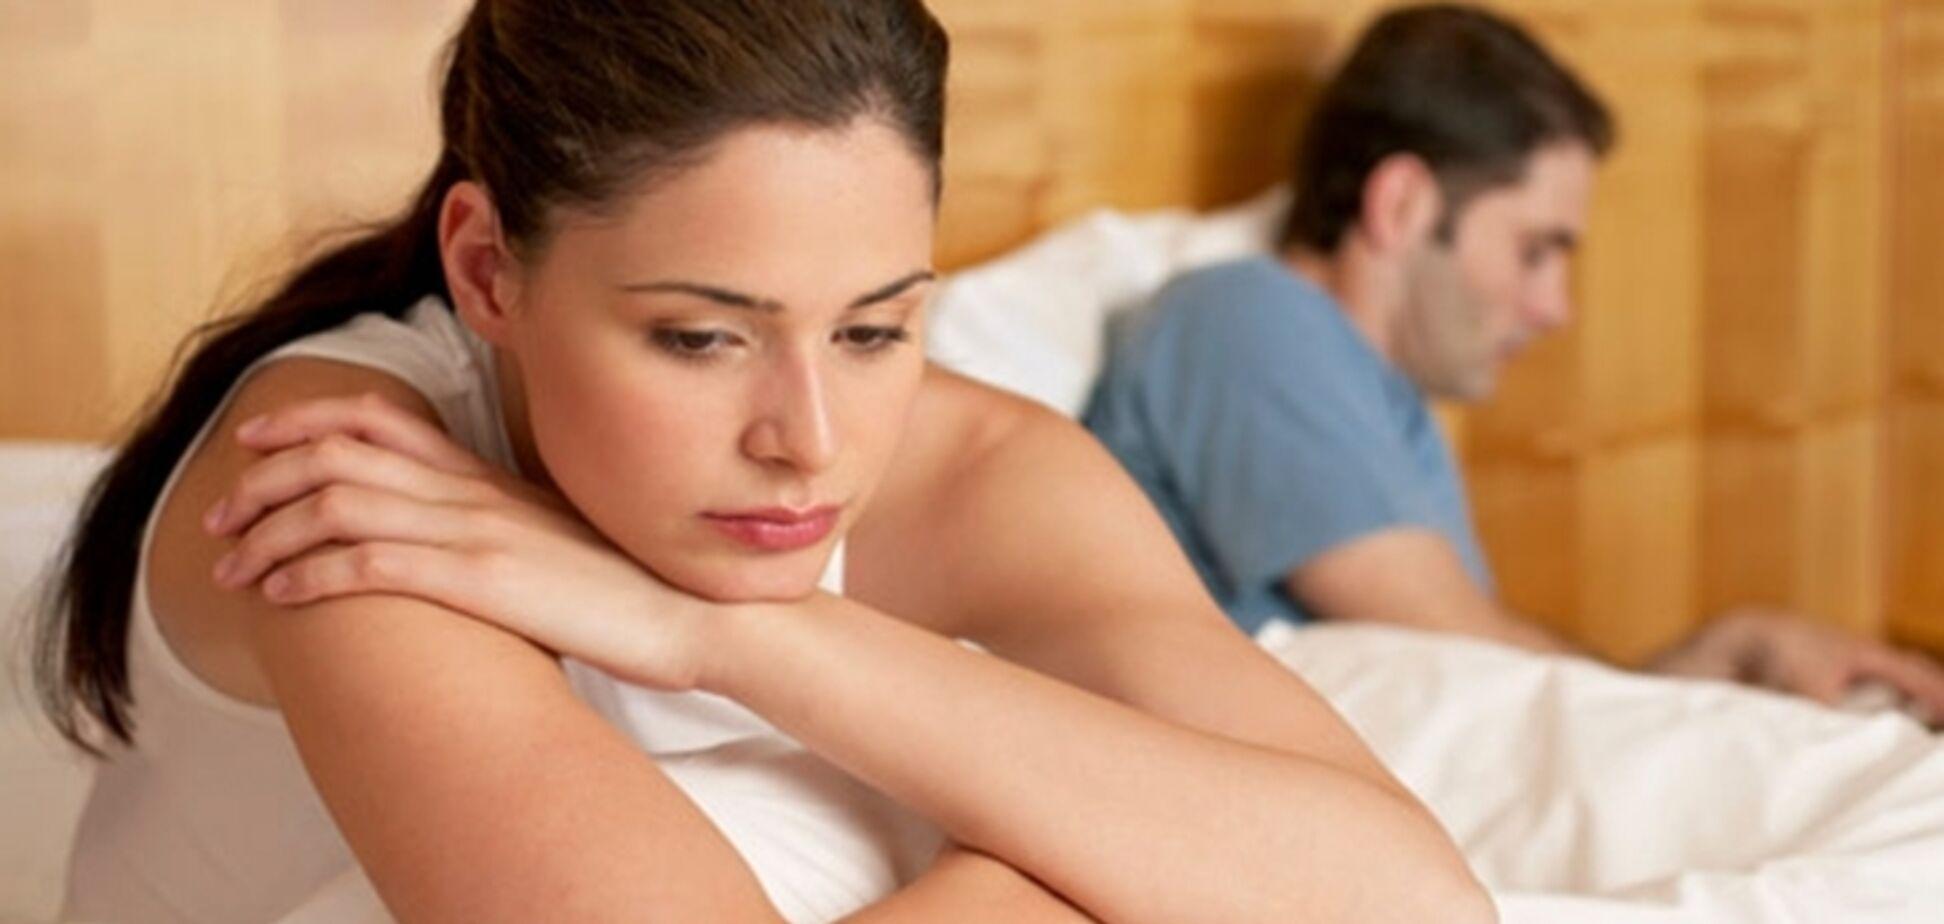 Простые ответы на мужские 'почему': пять причин 'ничегонеделанья' женщин-мамочек